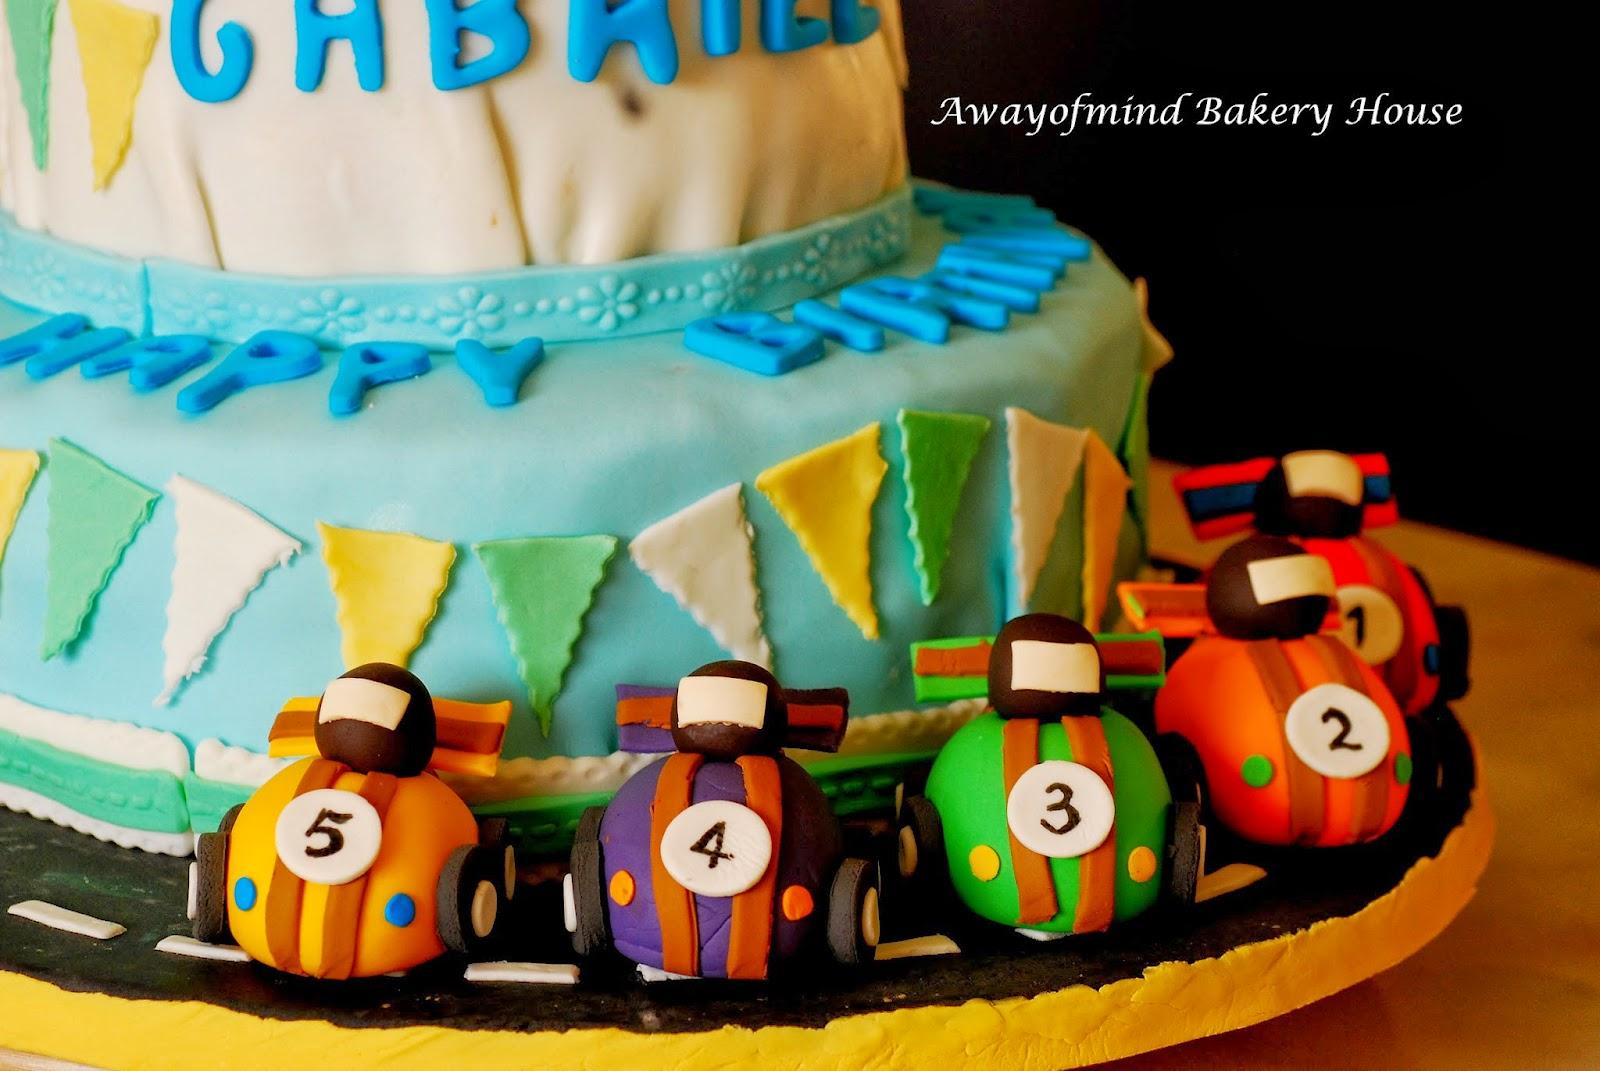 Awayofmind Bakery House: Fondant Race Cars Cake